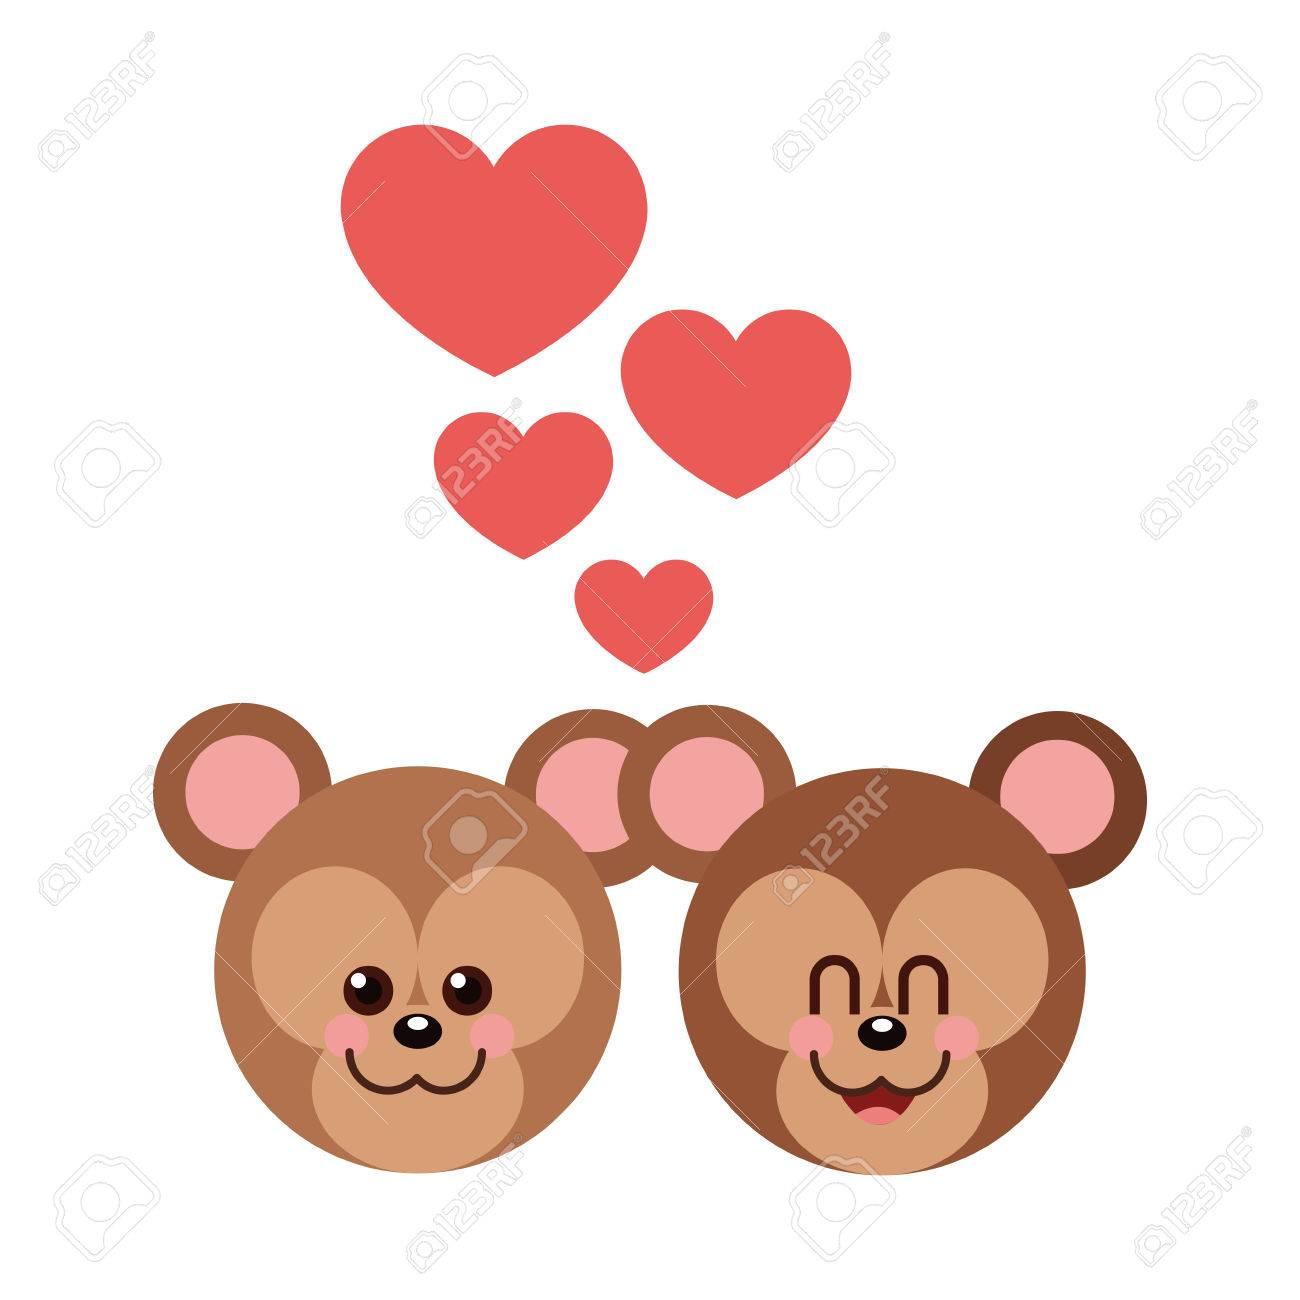 Oso De Dibujos Animados En El Icono De Amor Animal Lindo Adorable Y